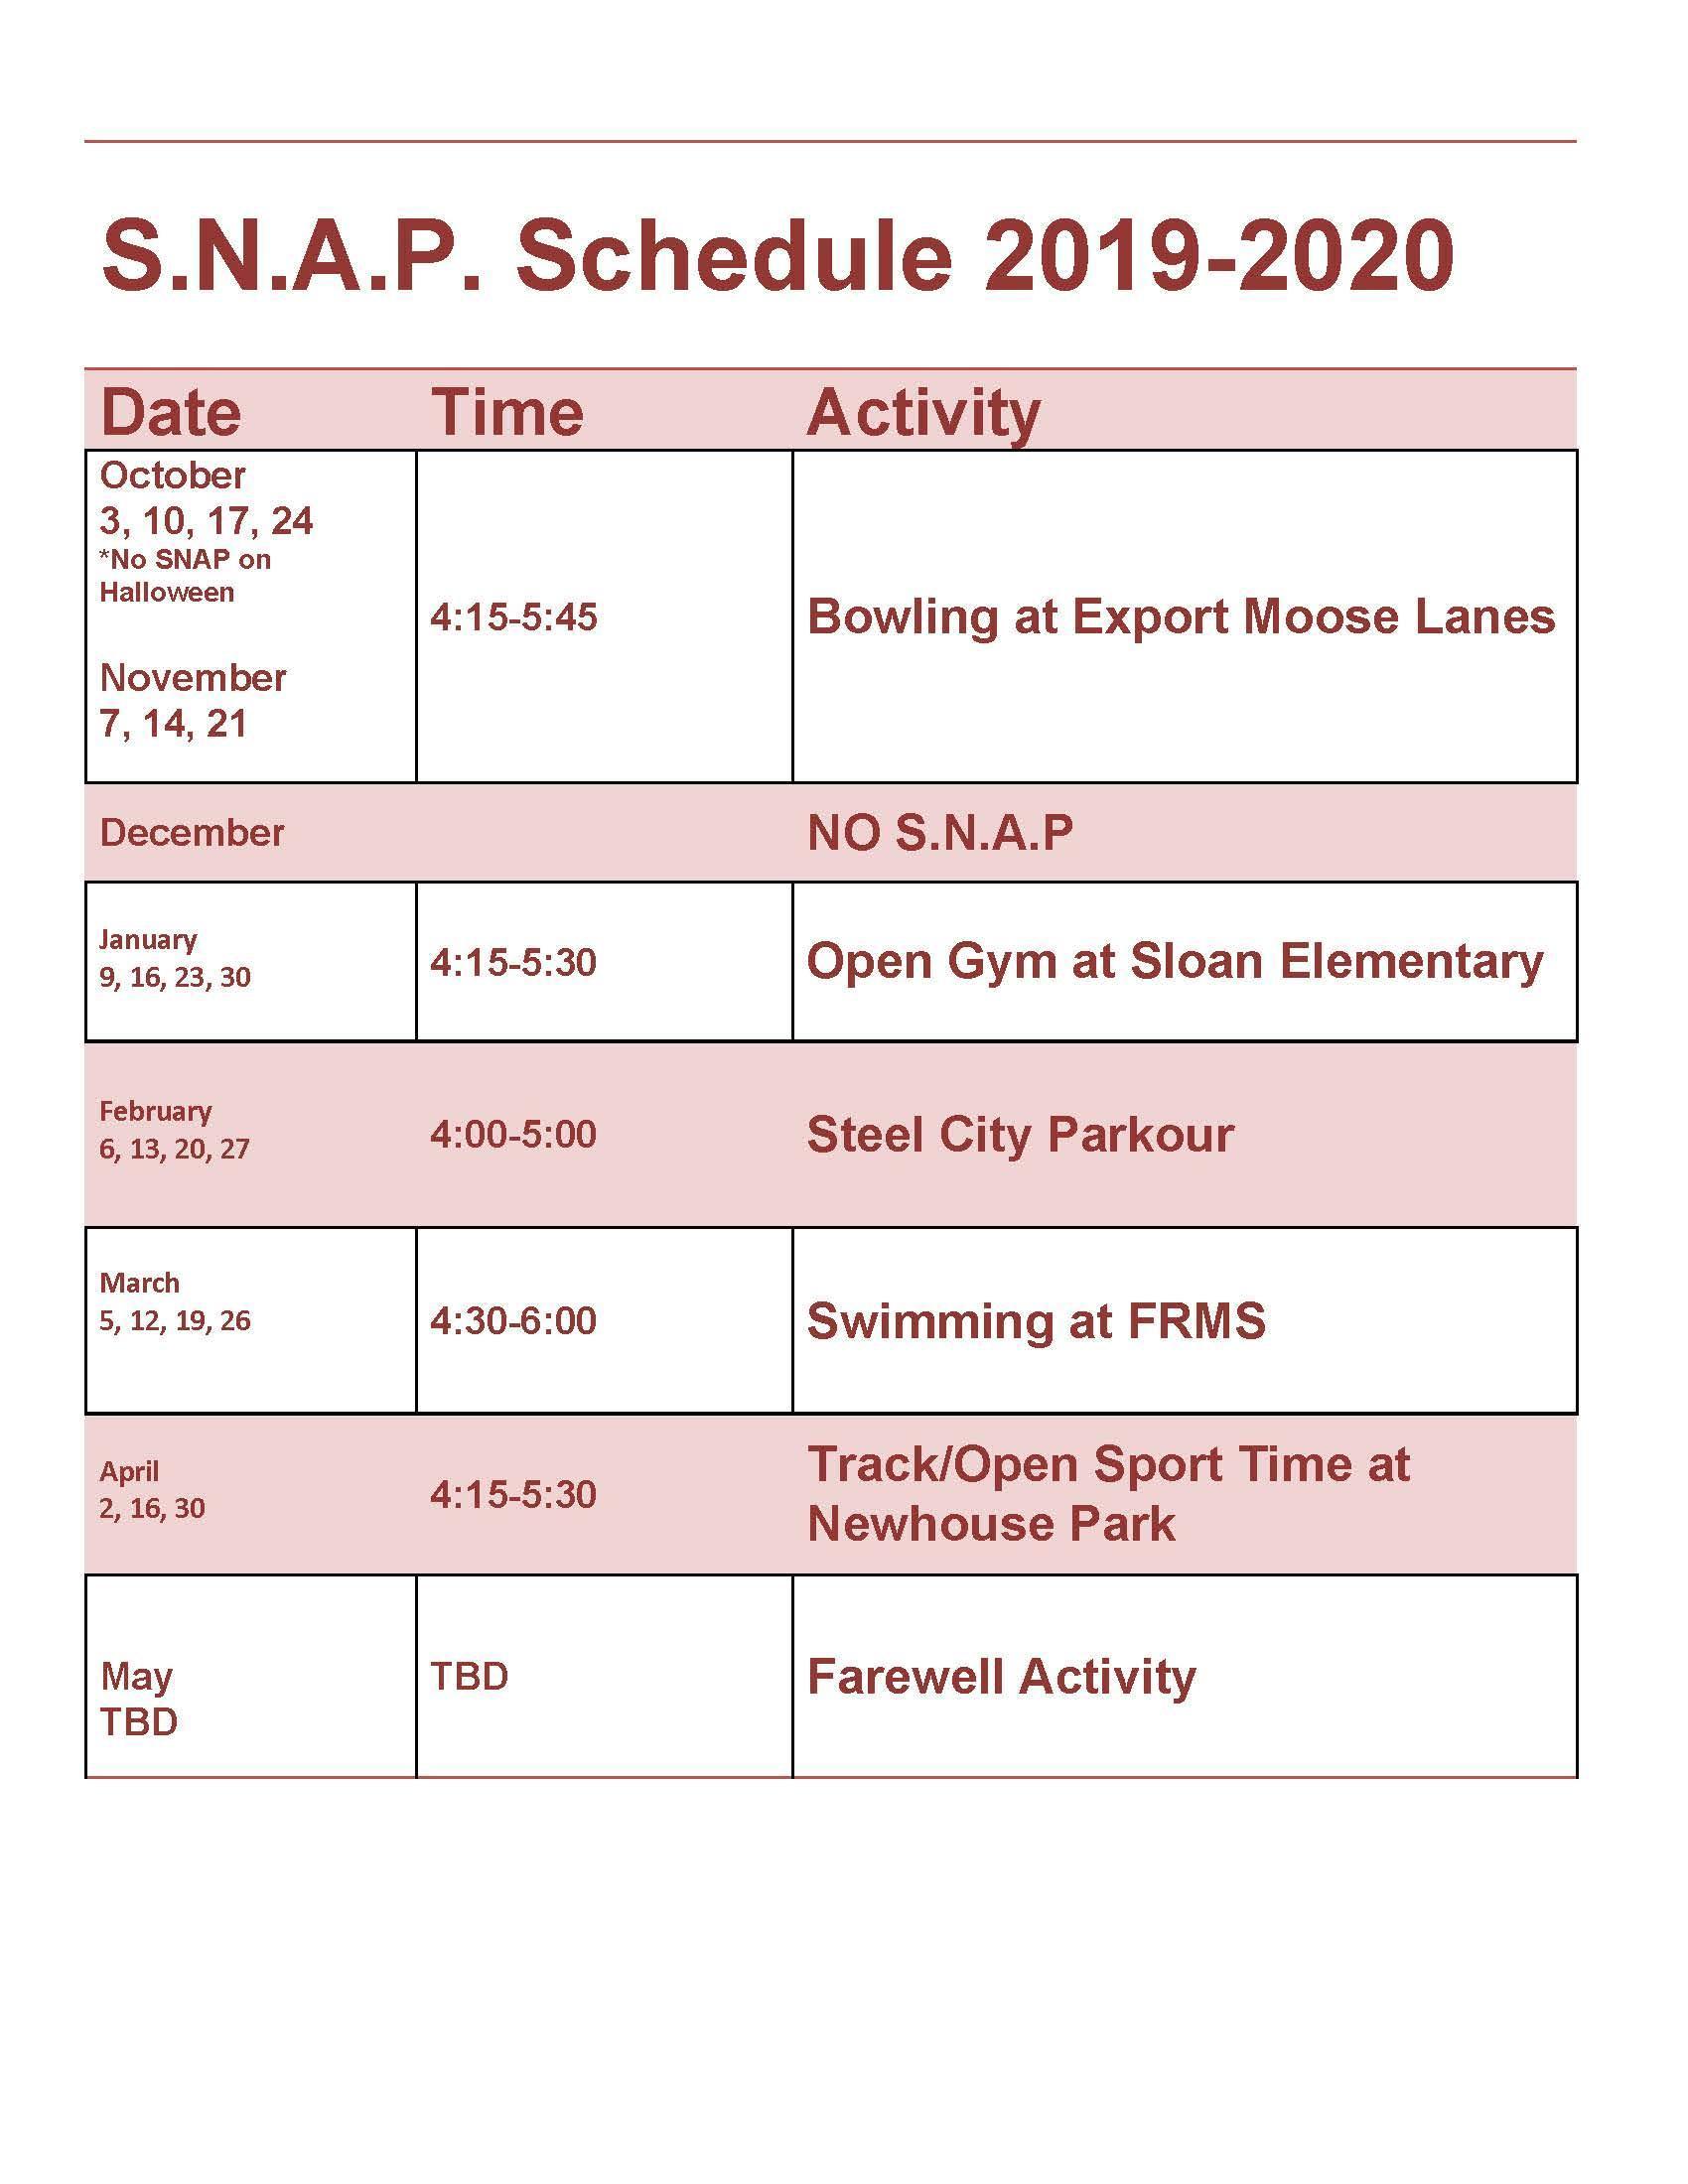 S.N.A.P. Schedule 2019-2020